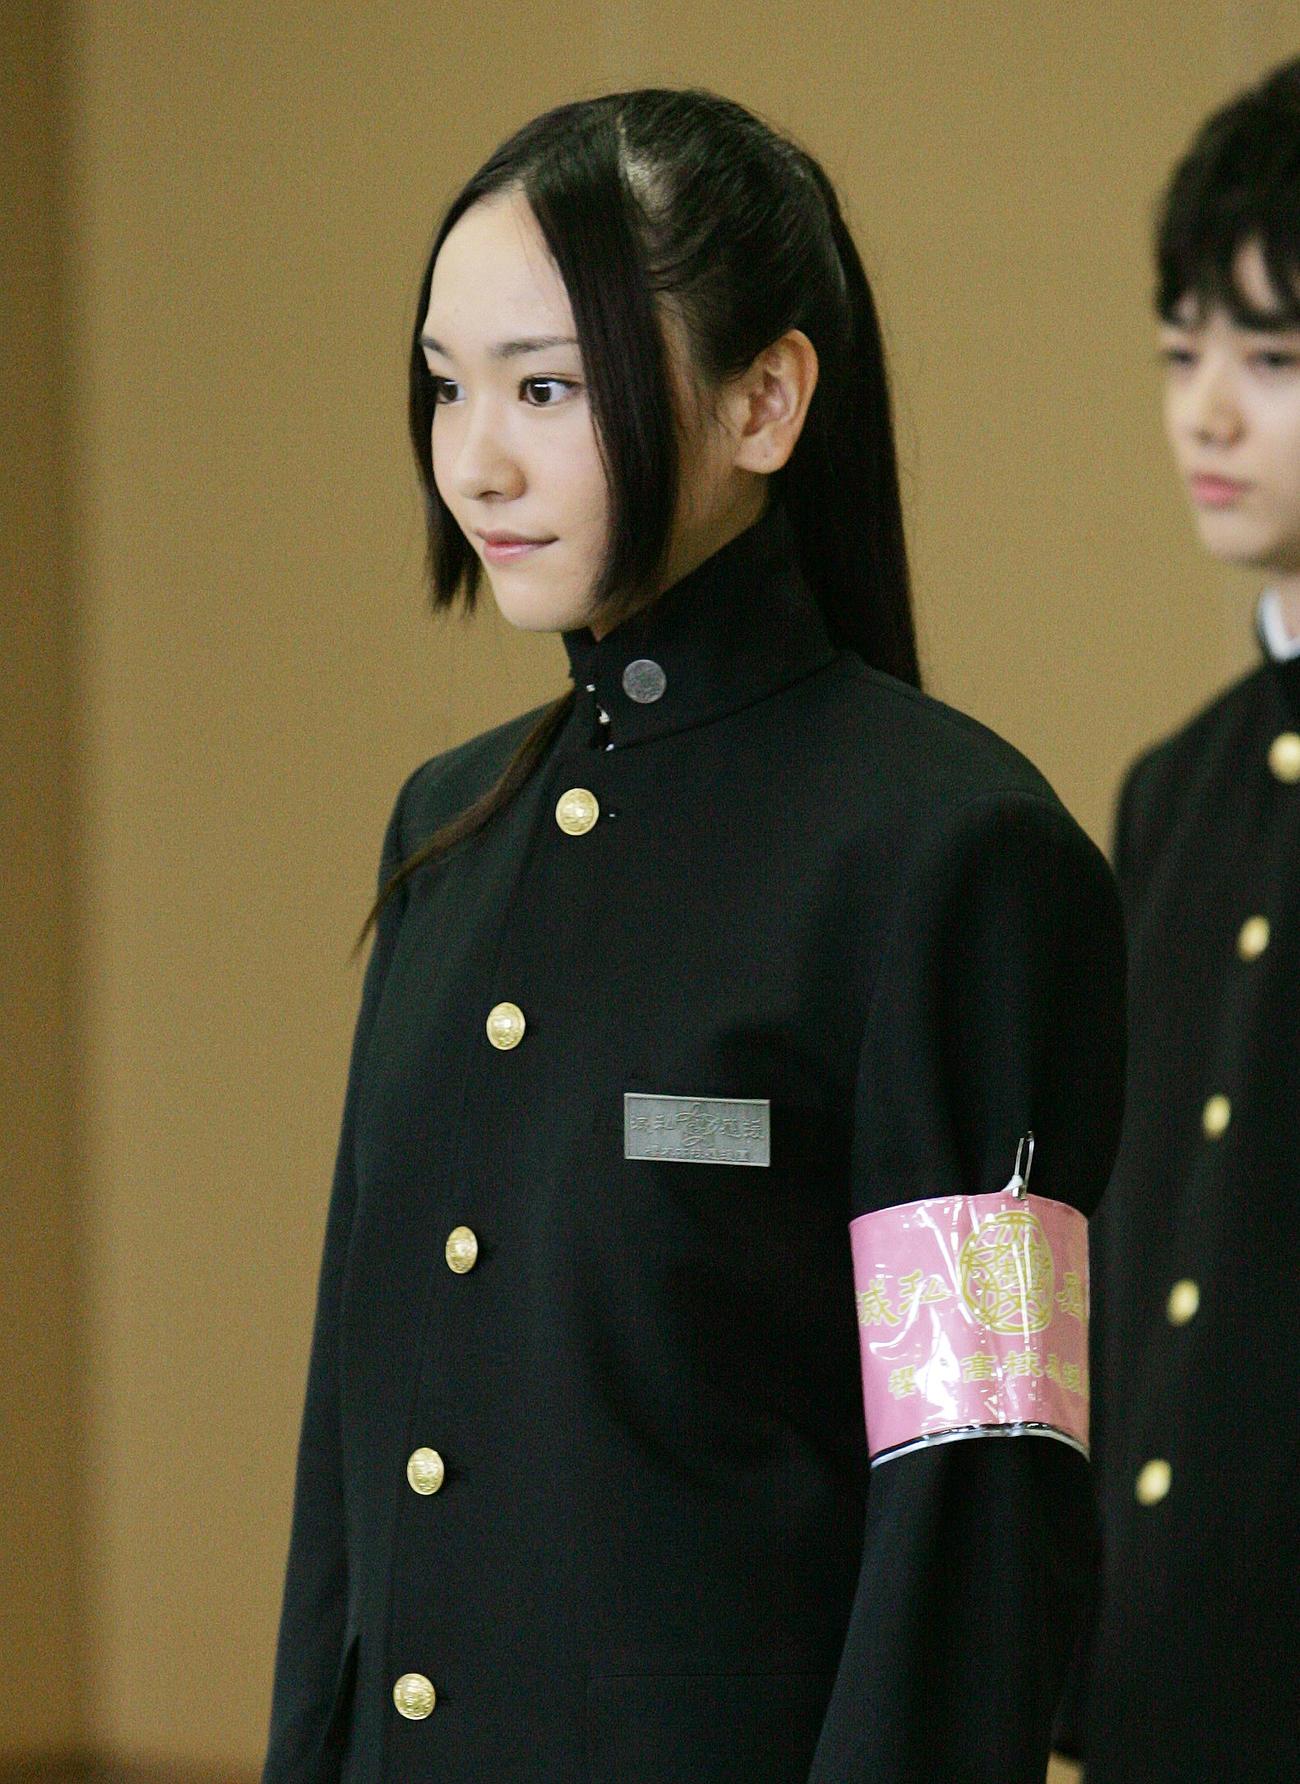 映画「フレフレ少女」で主演の新垣結衣は学ラン姿で凜々しい表情(2008年9月)